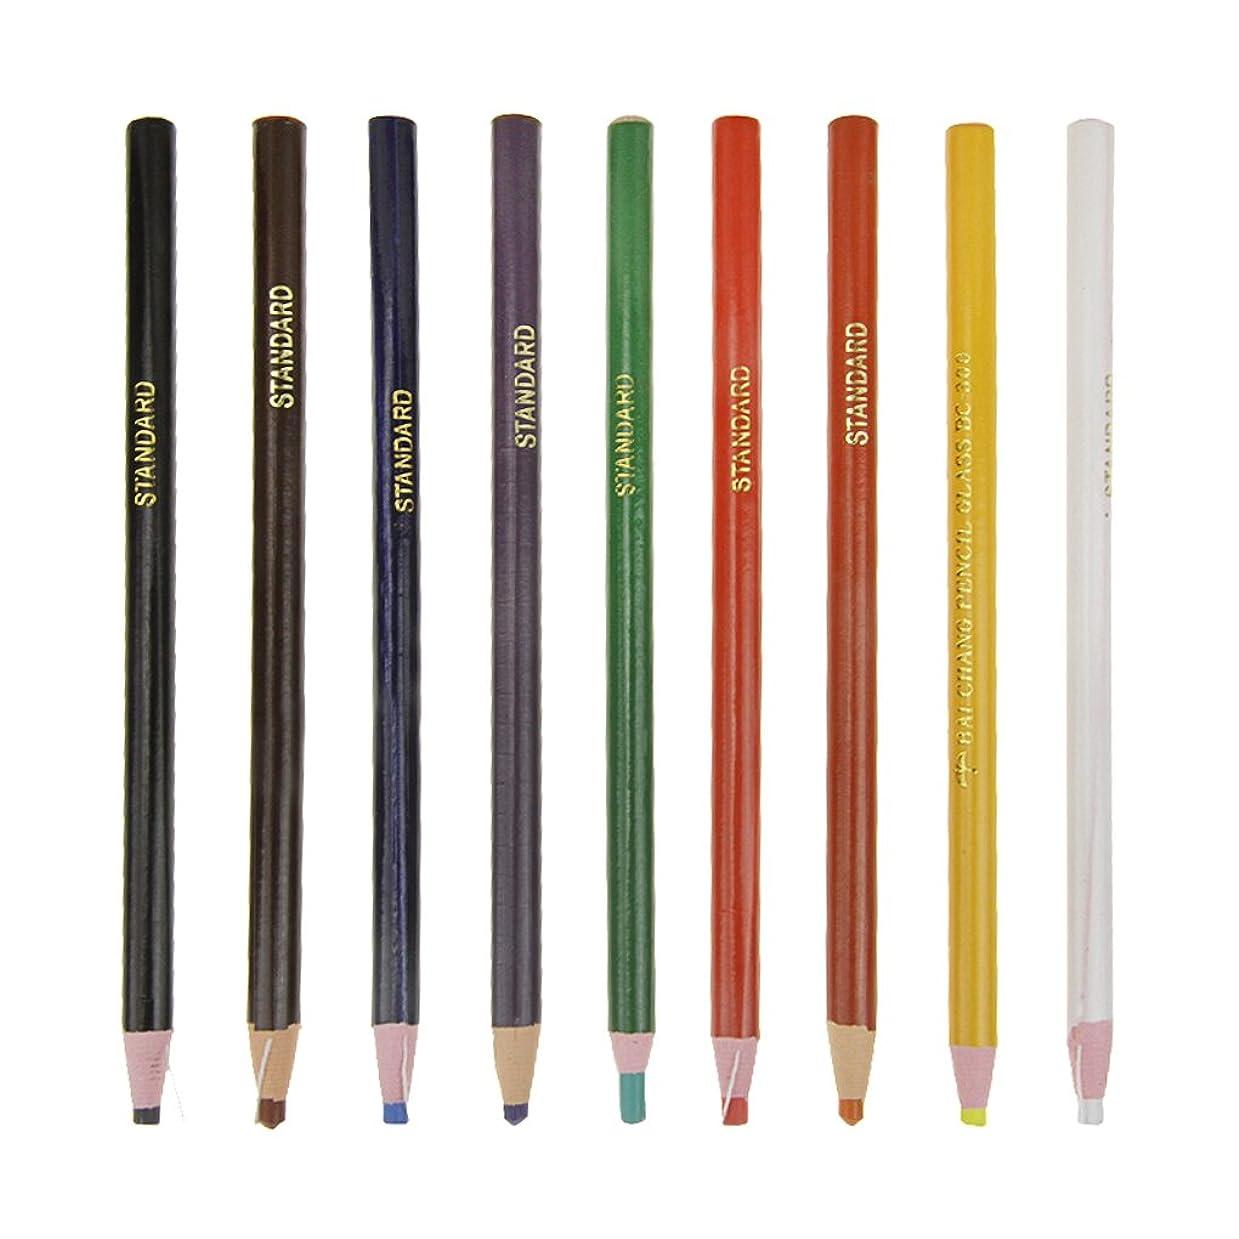 航空機討論シルクマーク鉛筆 マークチョーク 油性クレヨン 色鉛筆 9色セット 布 ガラス タイル 鋼材 木製ボードなどに書ける カラーペン 紙ロールの軸 糸引き 手汚れず 安全 エコ 鮮やか なめらか マーカーペン